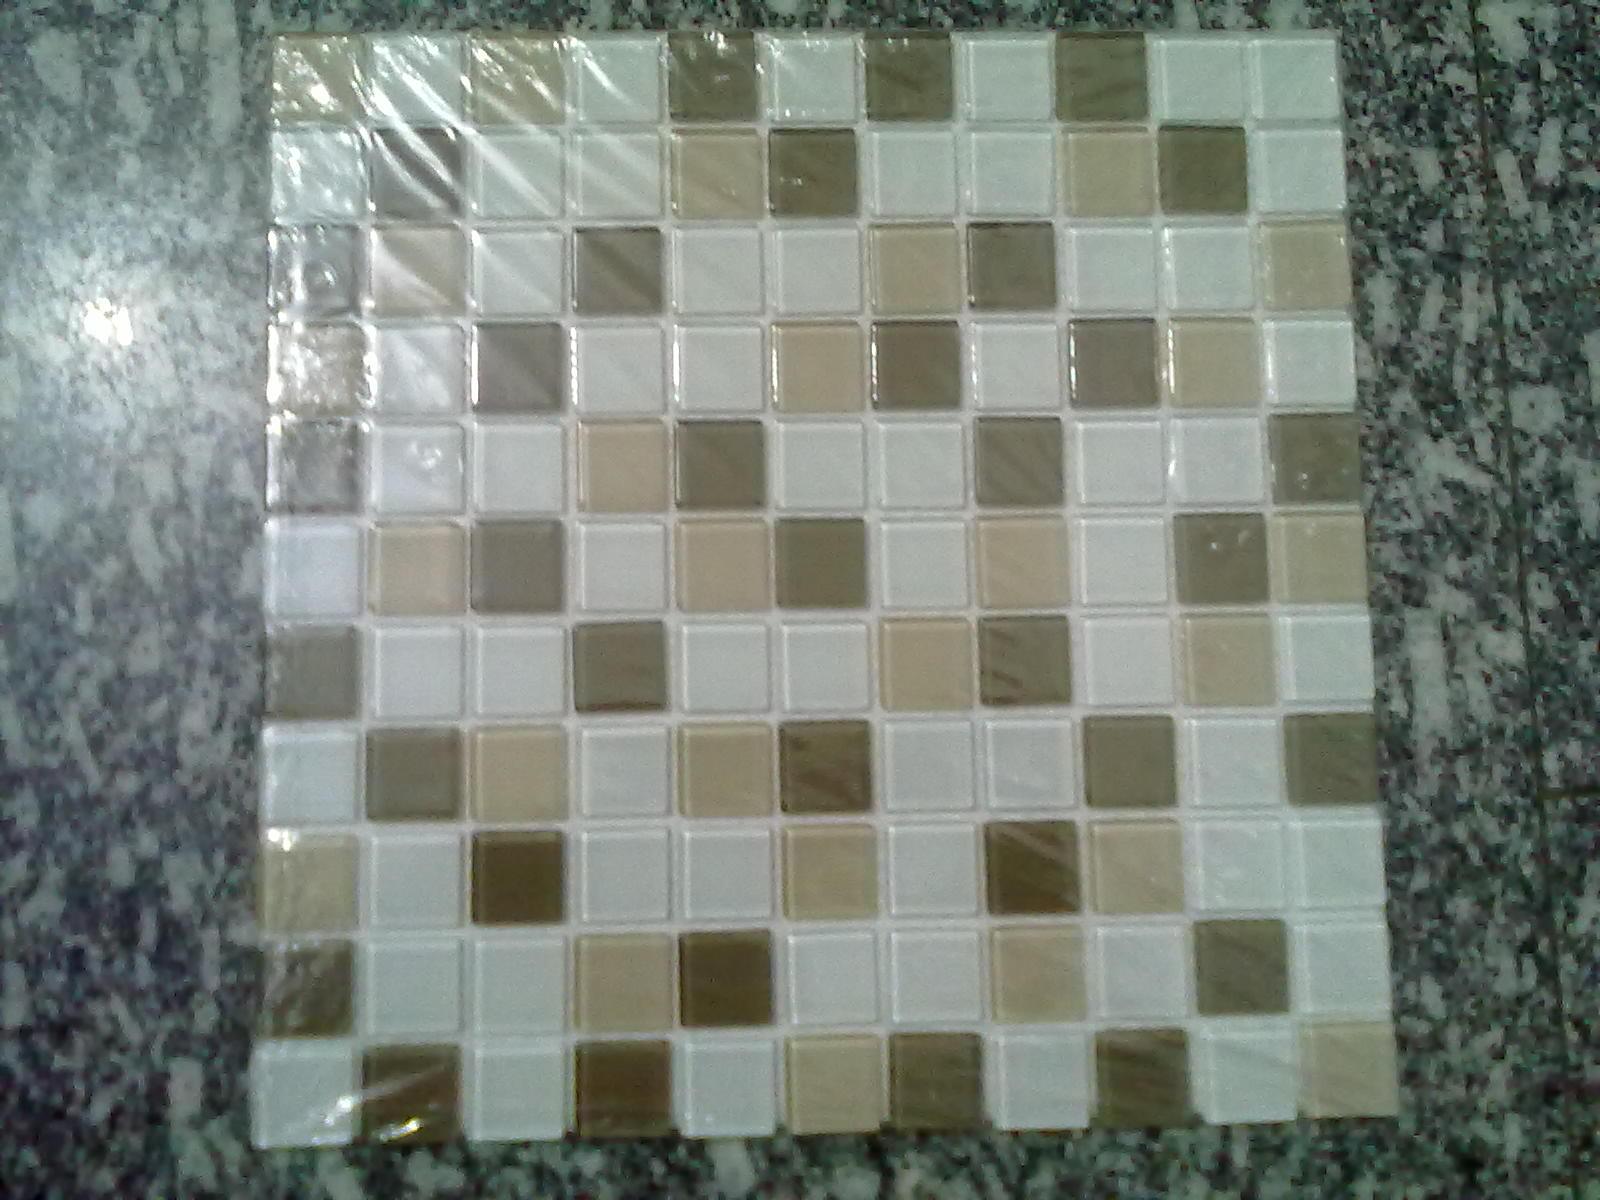 AMBIENTE IDEAL: Nossas pastilhas de vidro #61624C 1600x1200 Banheiro Cor Ideal